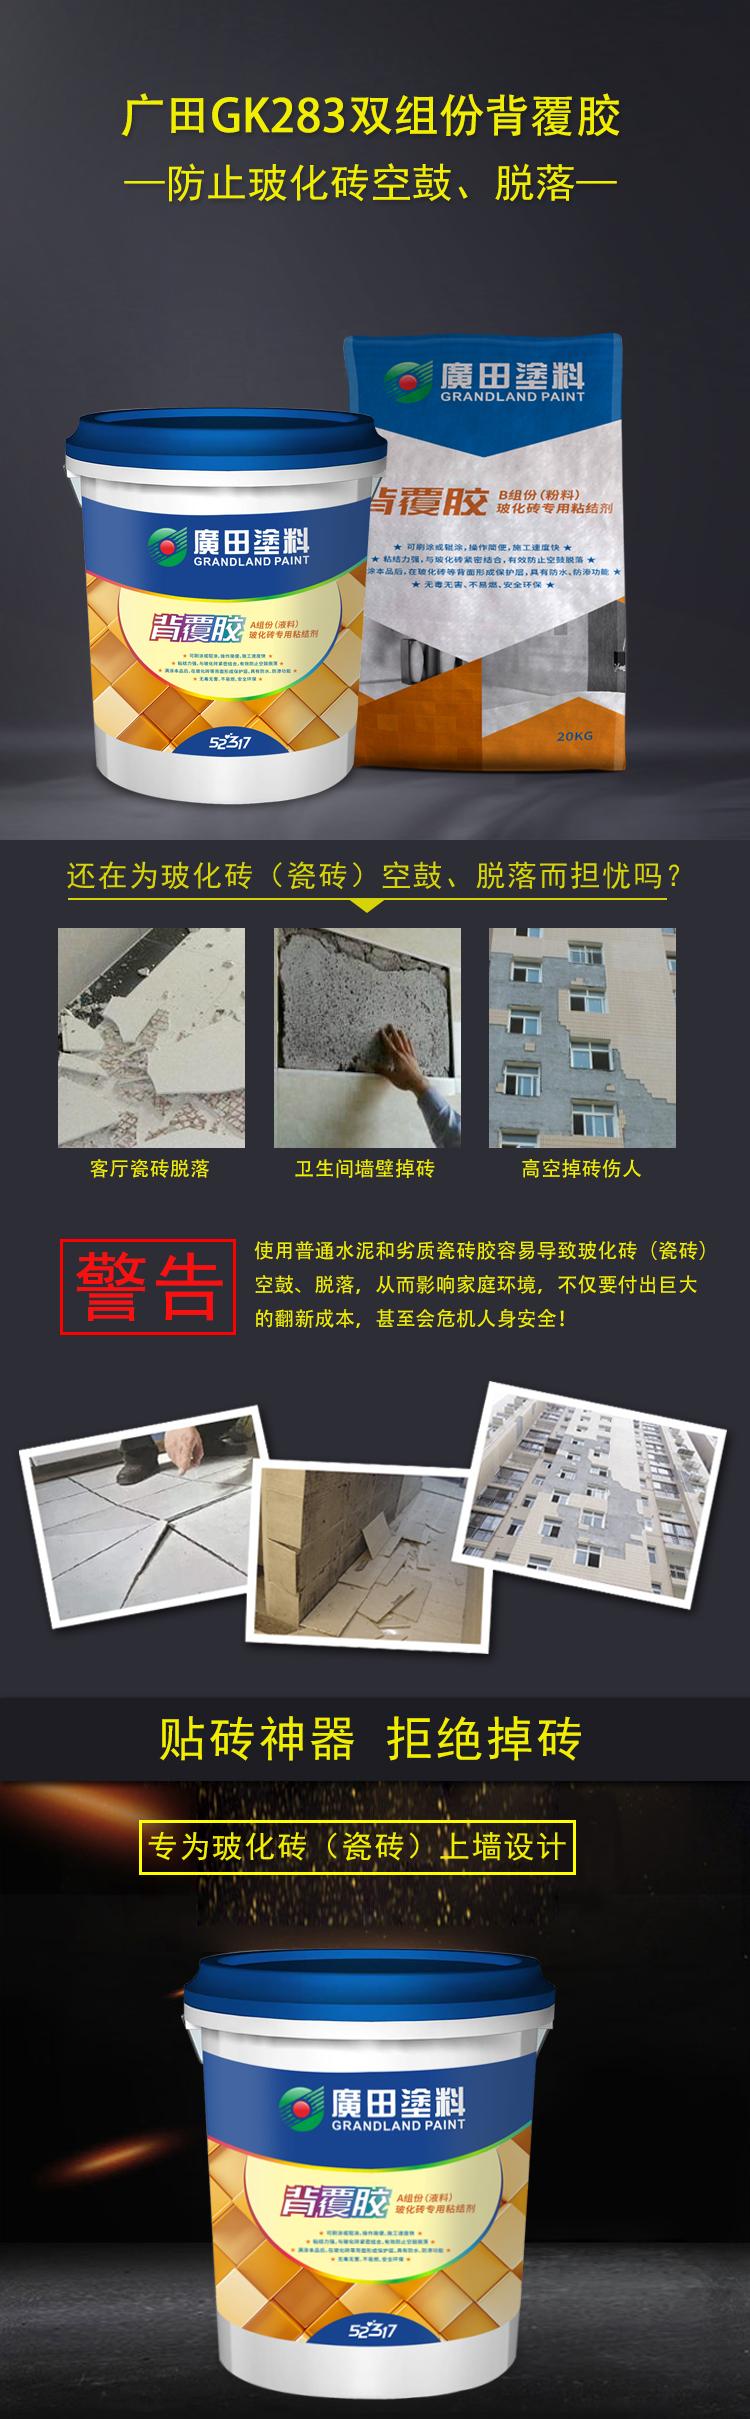 官网背覆胶详情页_01